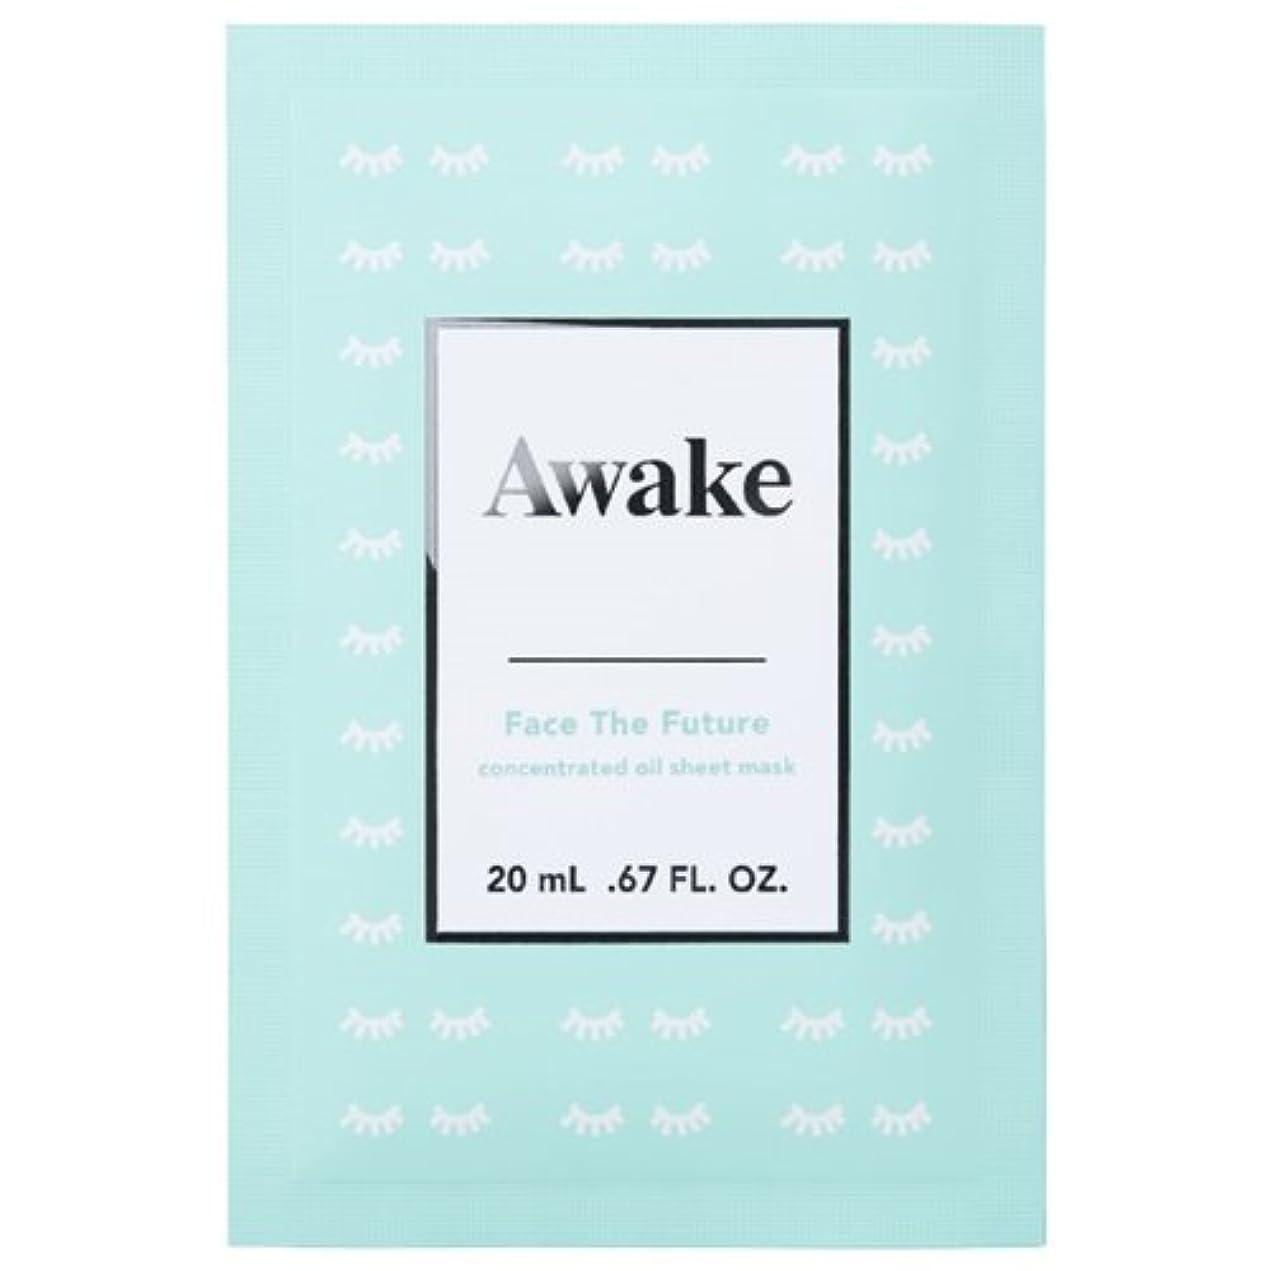 ちょっと待って島浸透するアウェイク(AWAKE) Awake(アウェイク) フェイスザフューチャー コンセントレイティッド オイルシートマスク (20mL × 6枚入)